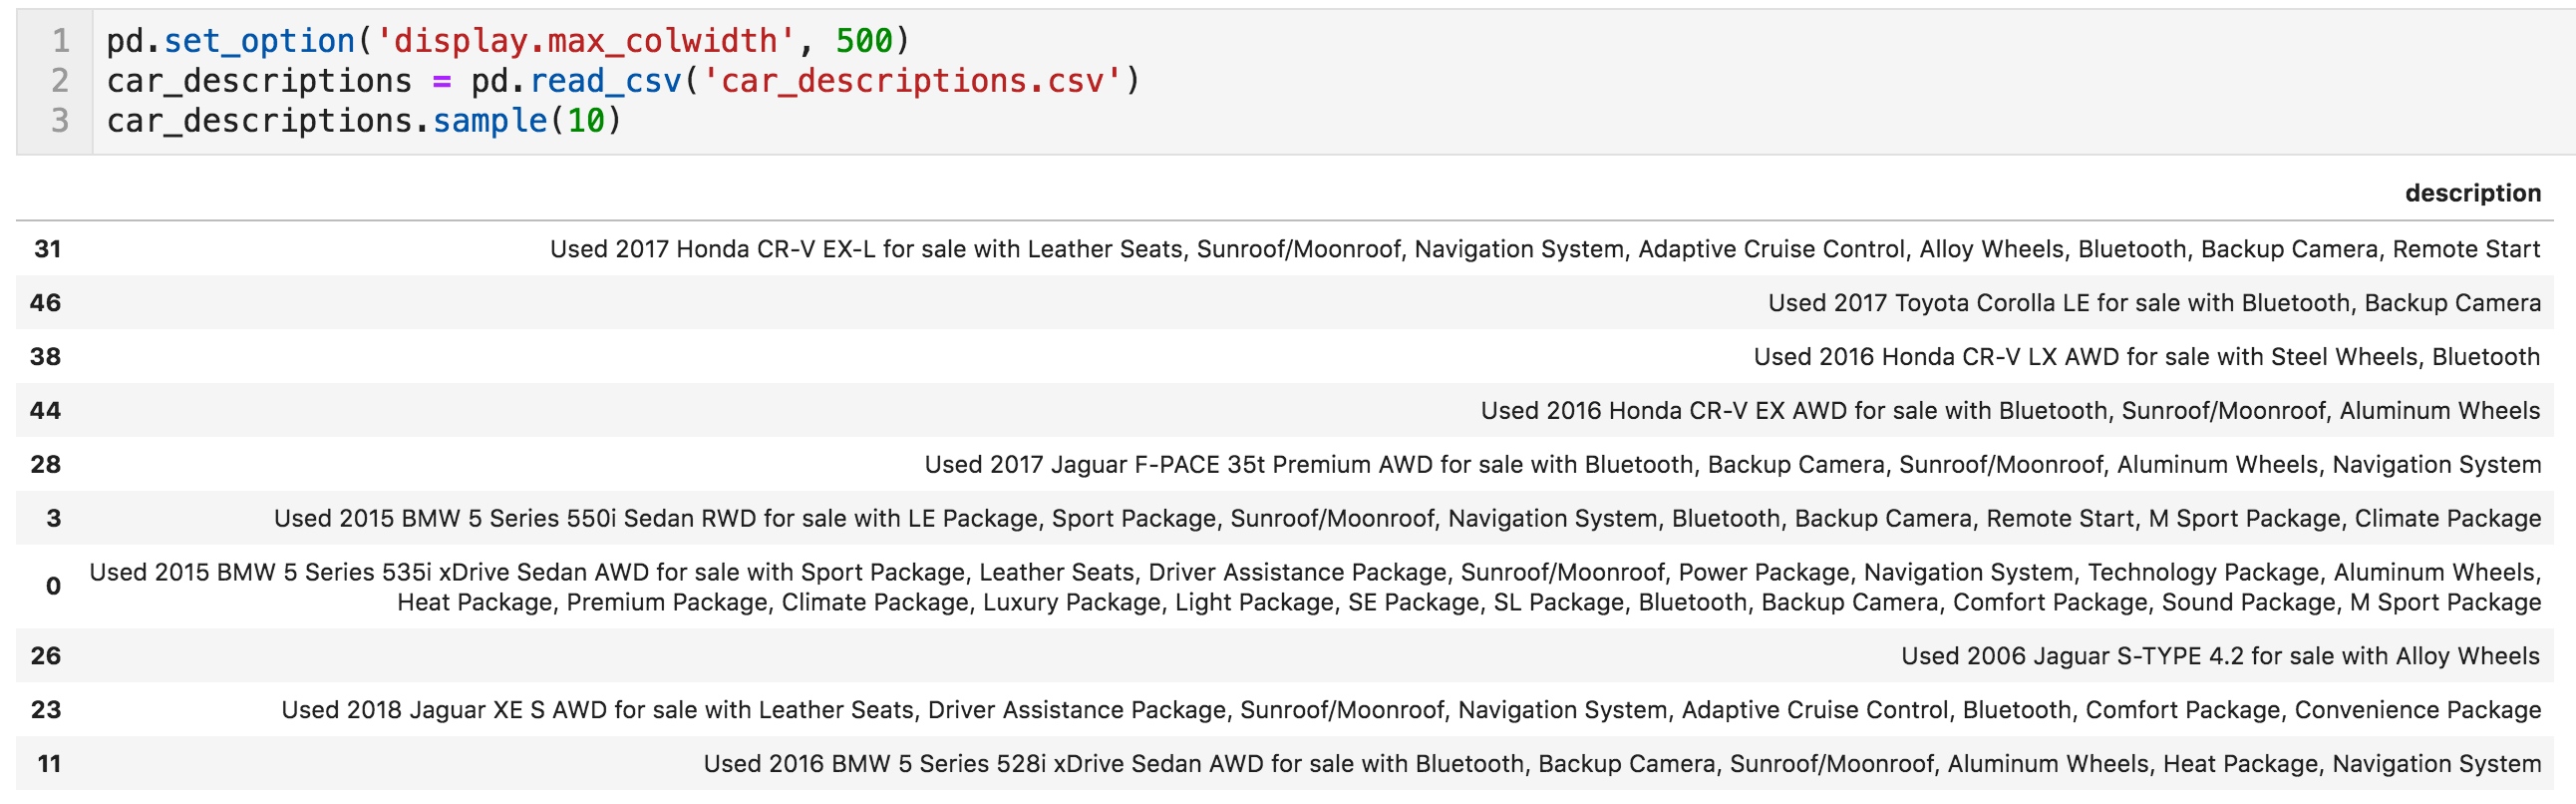 Sample car descriptions